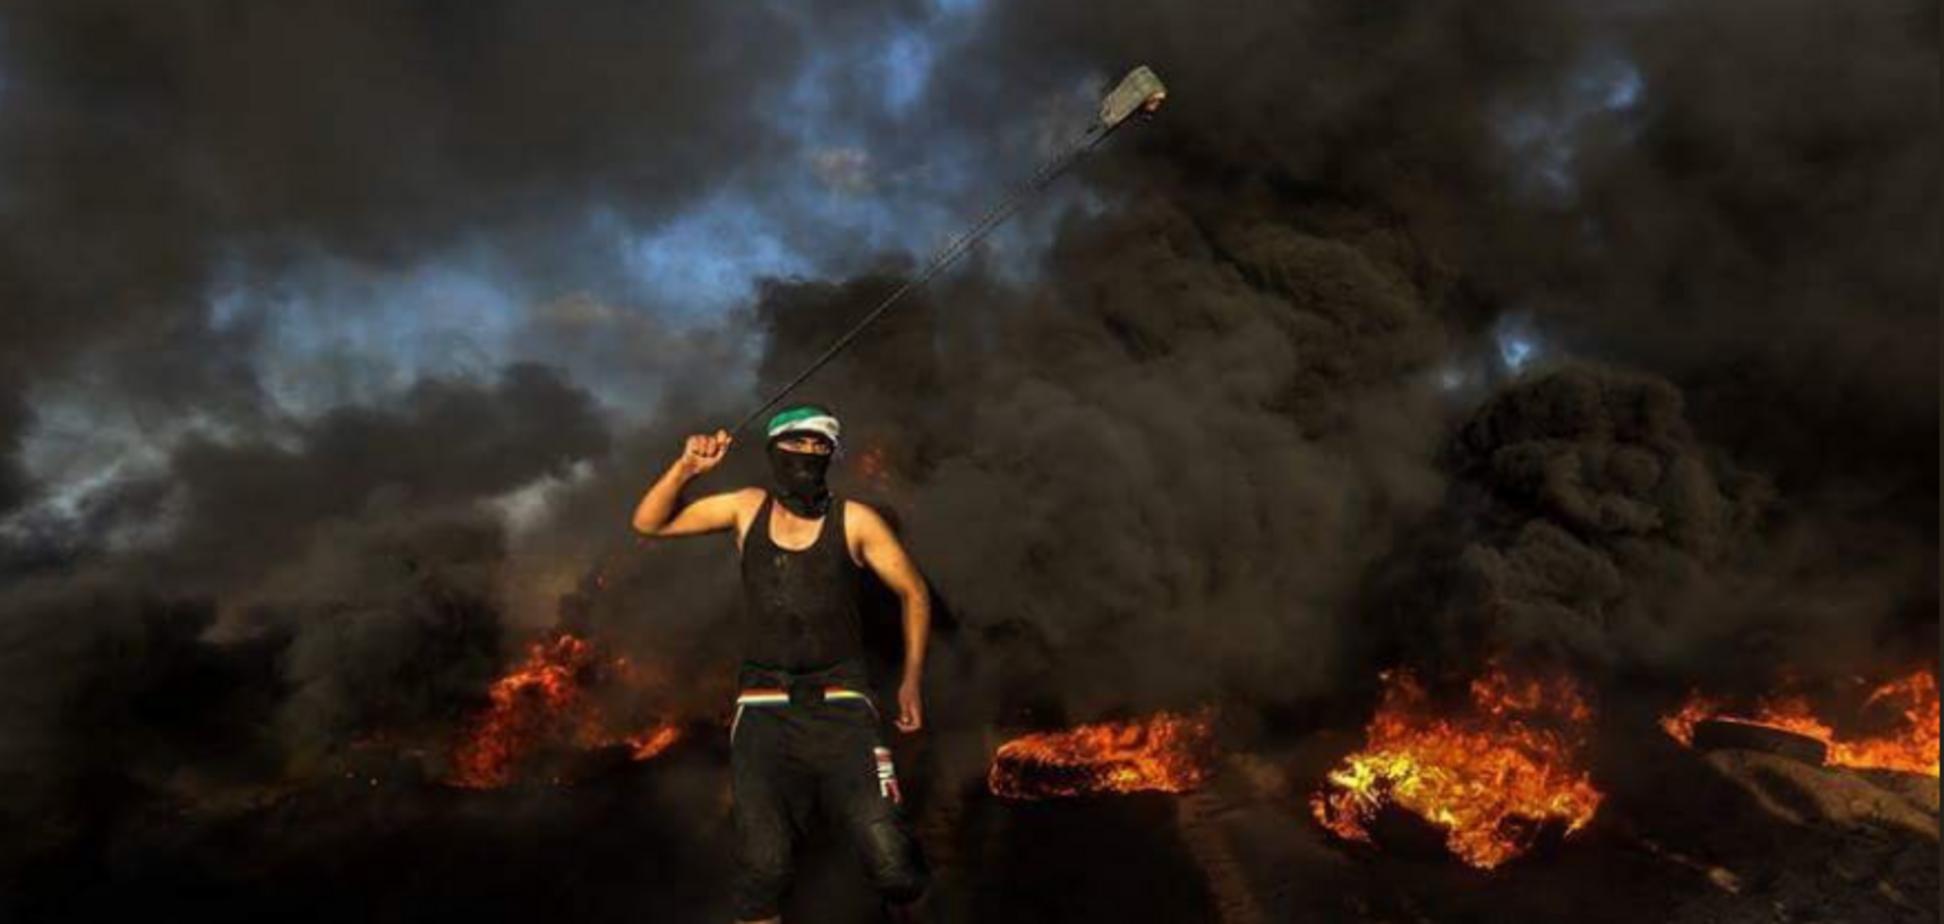 На кордоні Ізраїлю і сектора Газа спалахнули запеклі бої: є жертва, сотні постраждалих